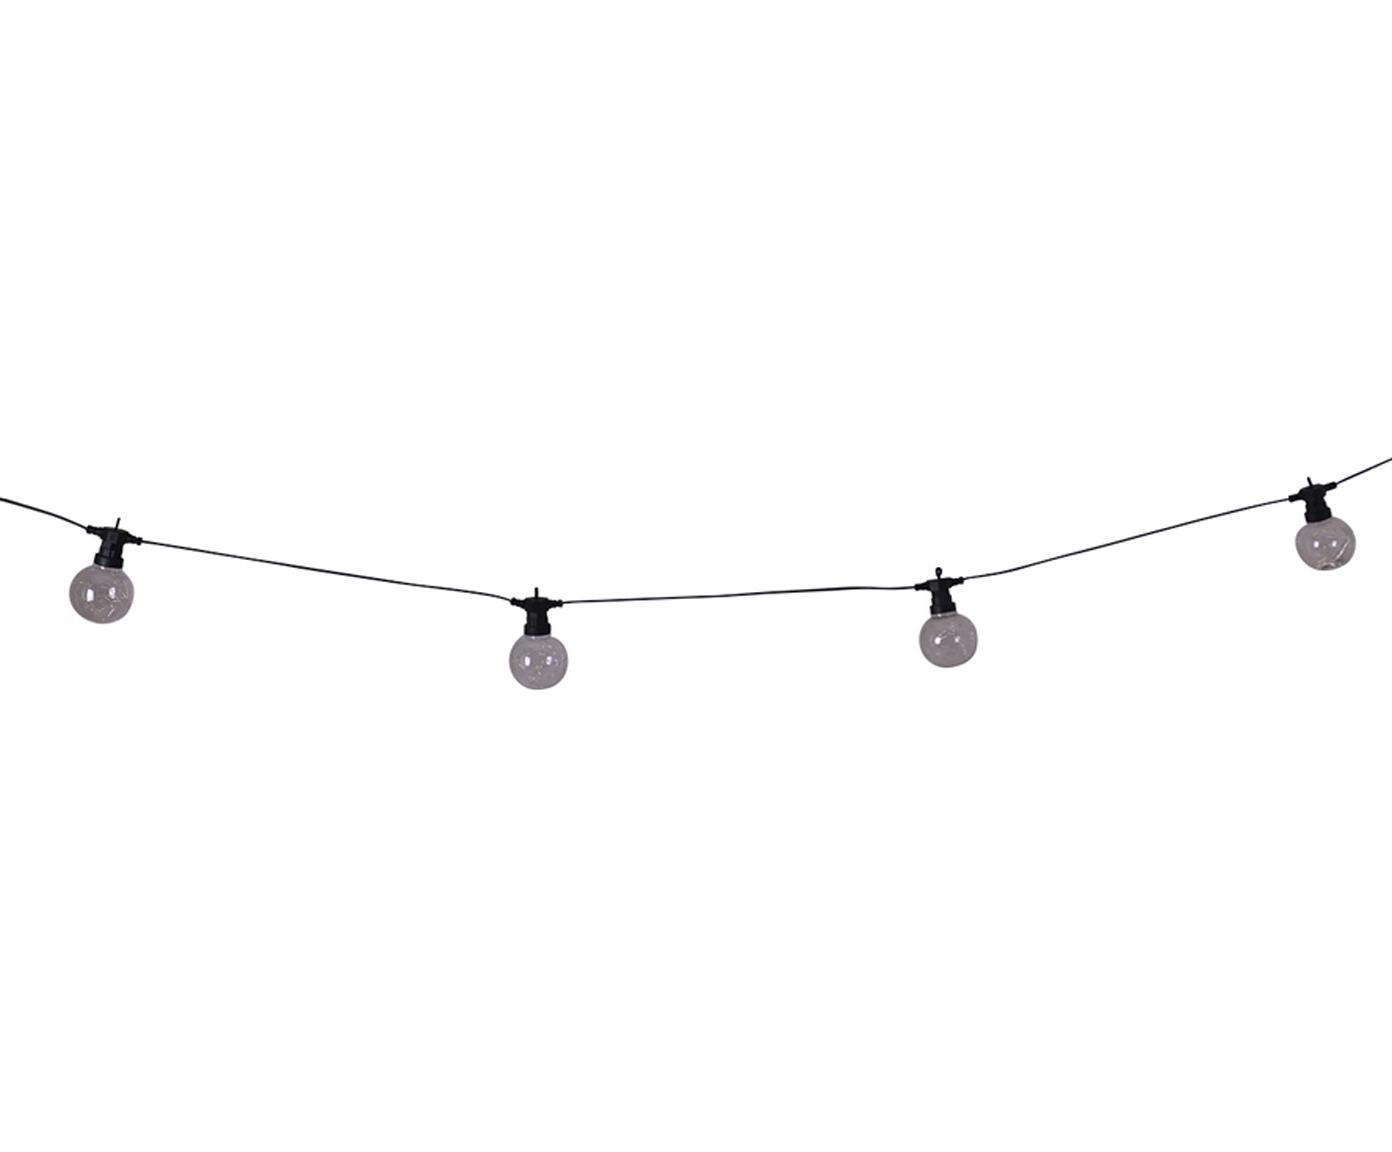 LED Lichterkette Crackle Chain, 750 cm, Kunststoff, Transparent, L 750 cm